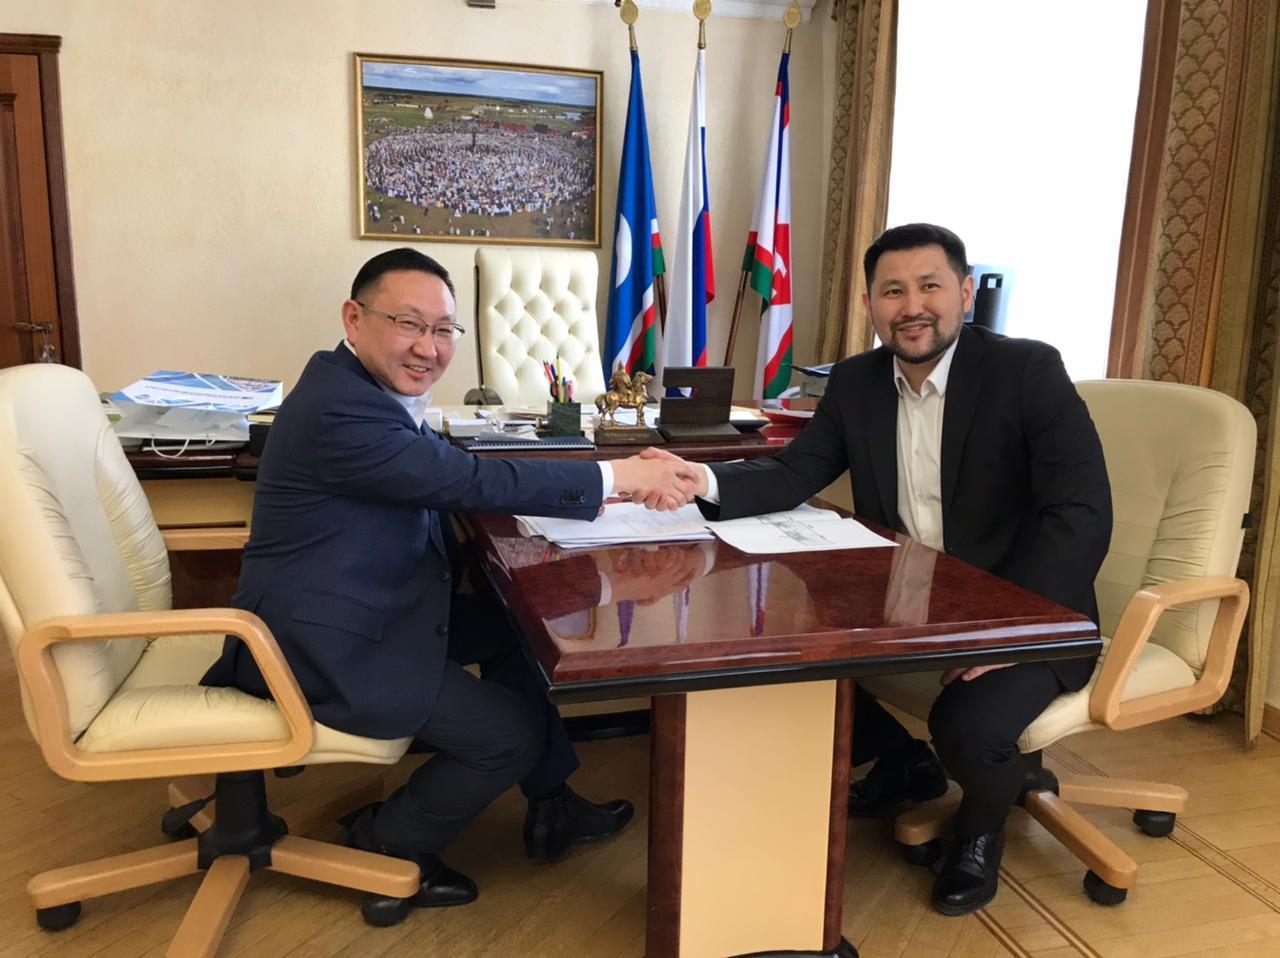 Гендиректор АО «Сахатранснефтегаз» встретился с Евгением Григорьевым